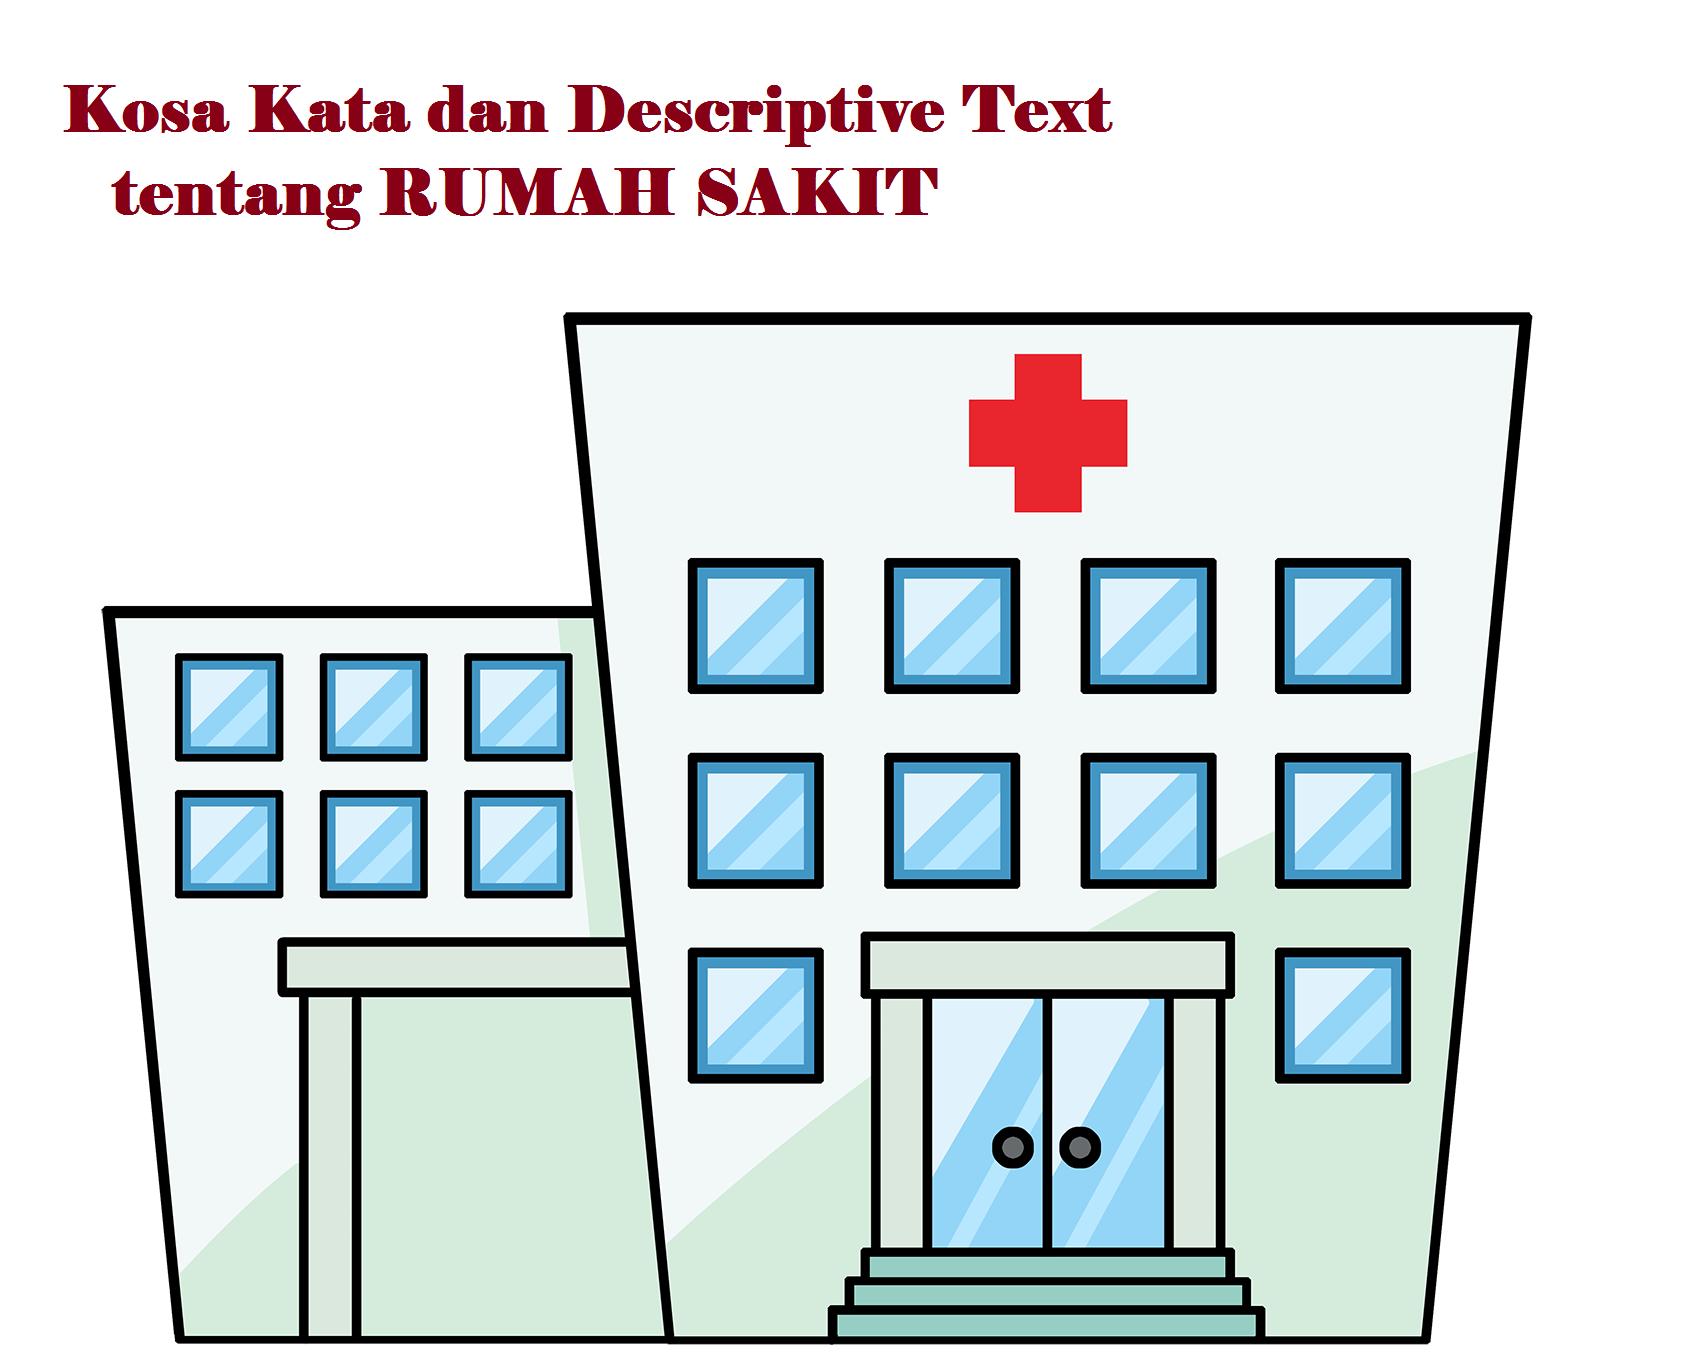 91+ Gambar Rumah Sakit Kartun Hitam Putih Terbaik